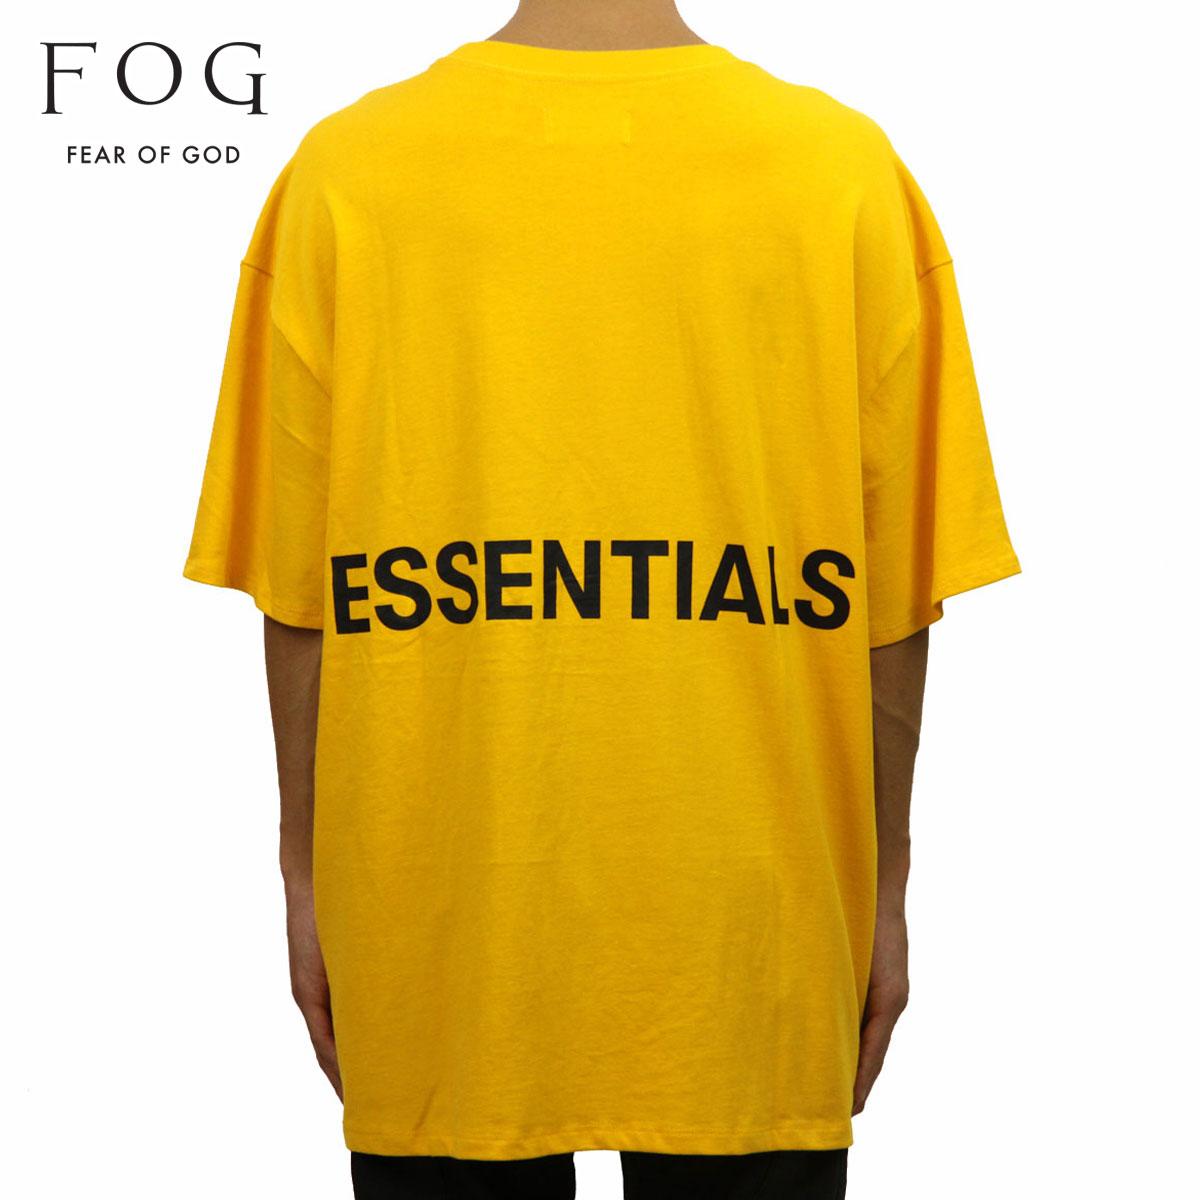 フィアオブゴッド FEAR OF GOD 正規品 メンズ クルーネック バックプリント 半袖Tシャツ FOG - FEAR OF GOD ESSENTIALS BOXY GRAPHIC T-SHIRT YELLOW